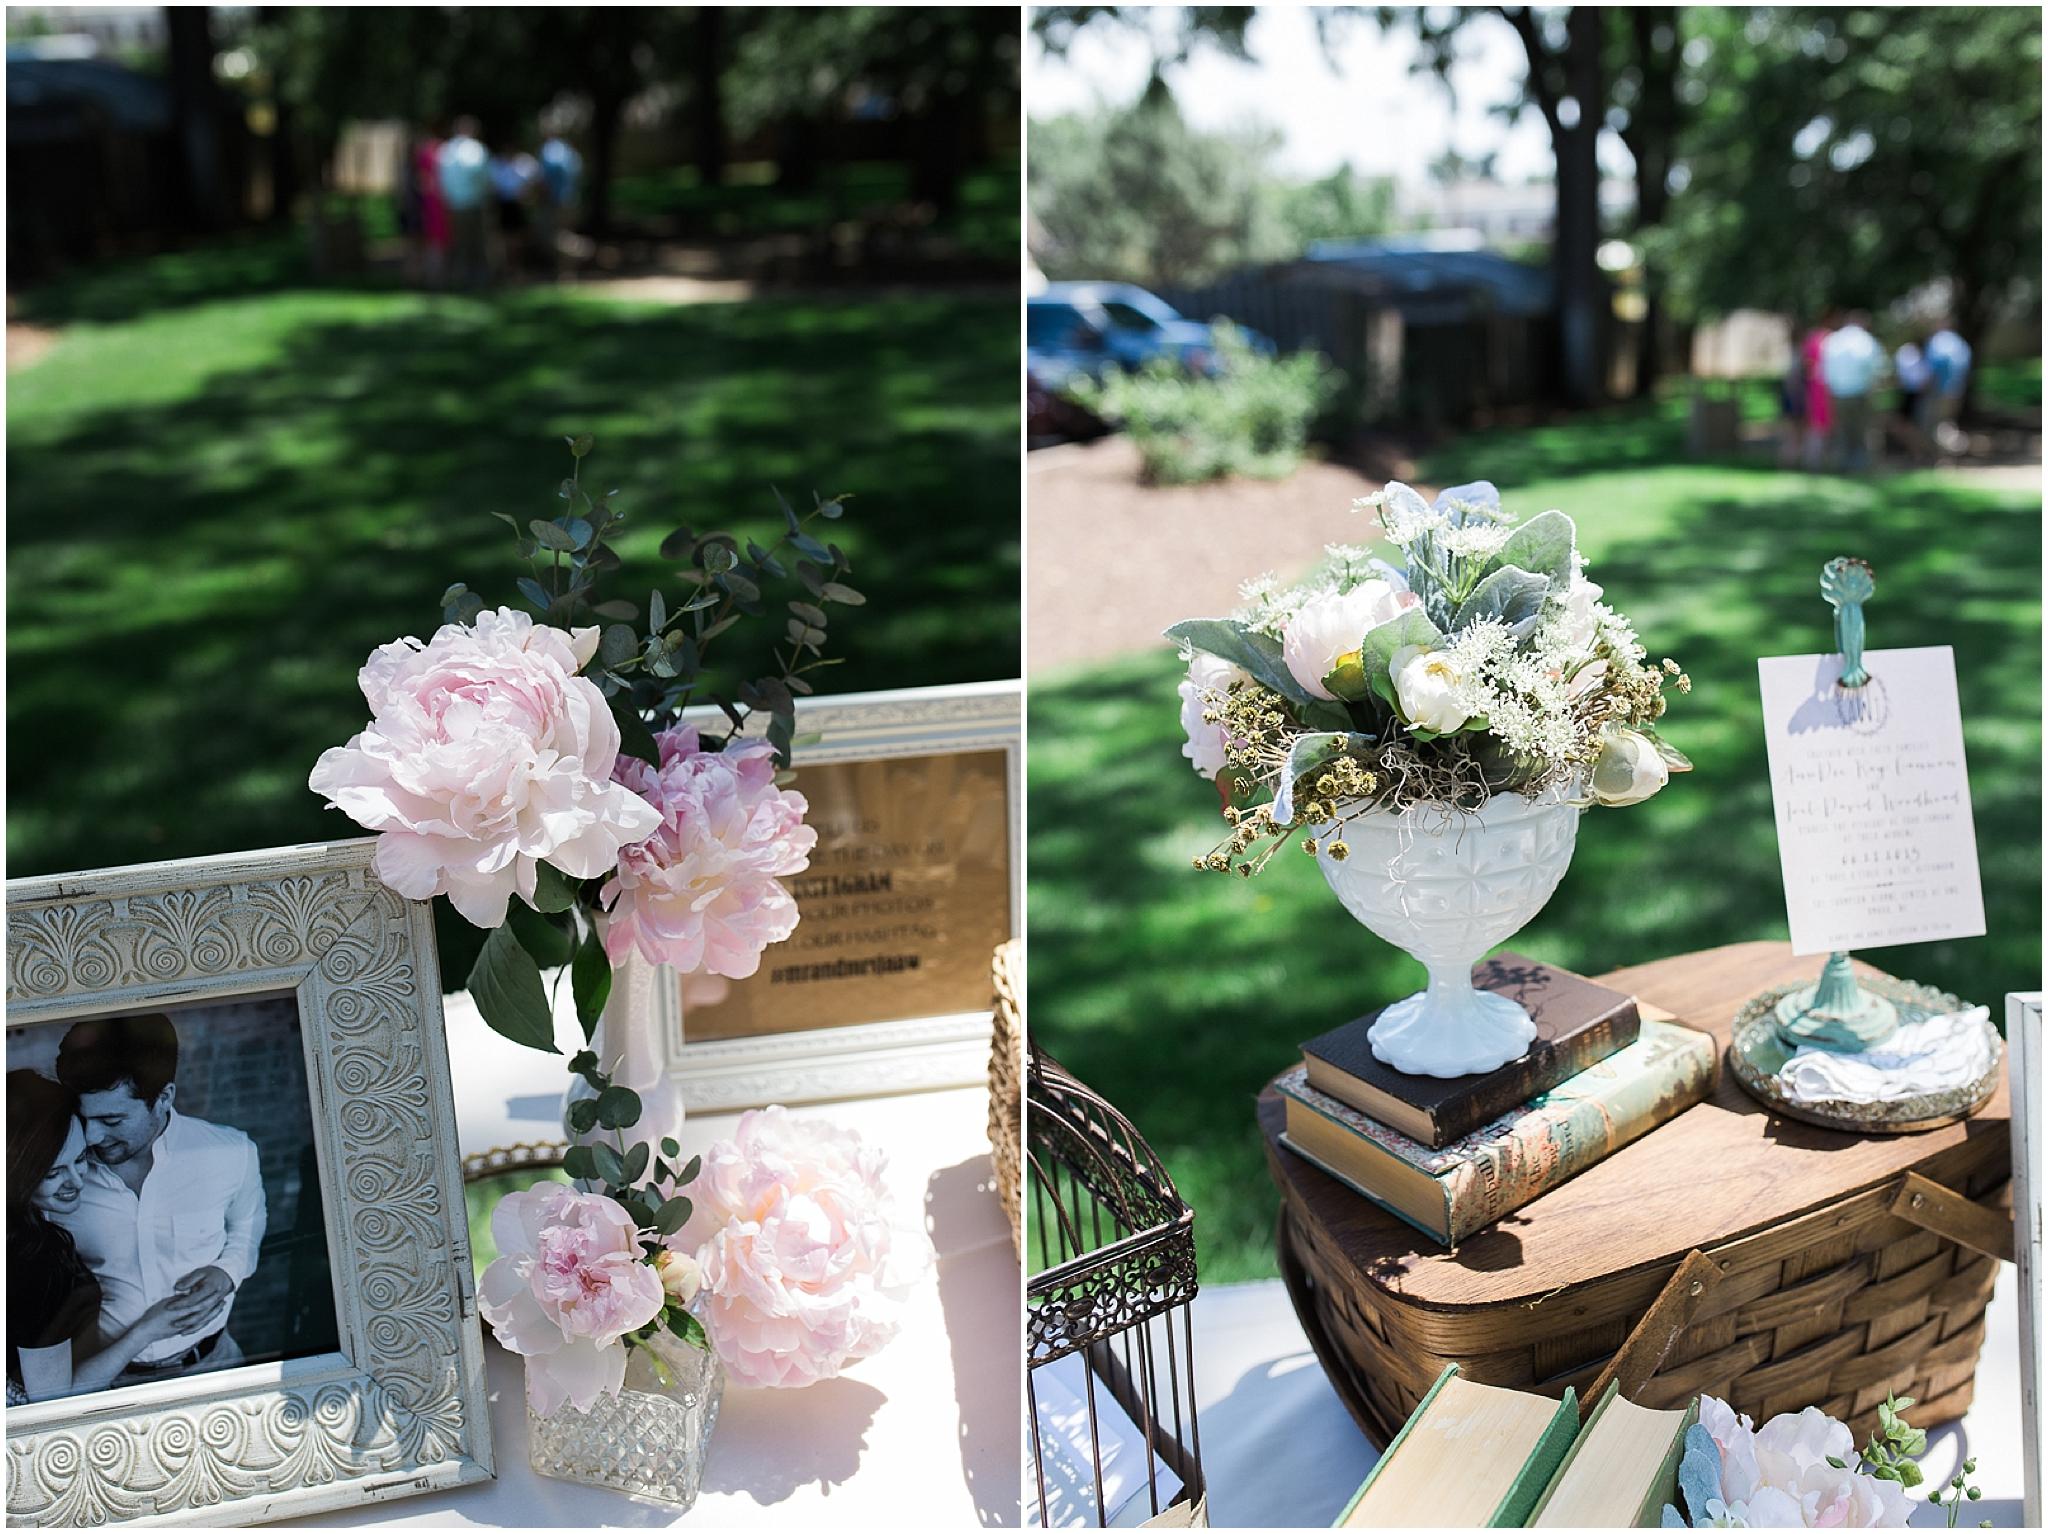 wedding details - UNO Thompson center wedding